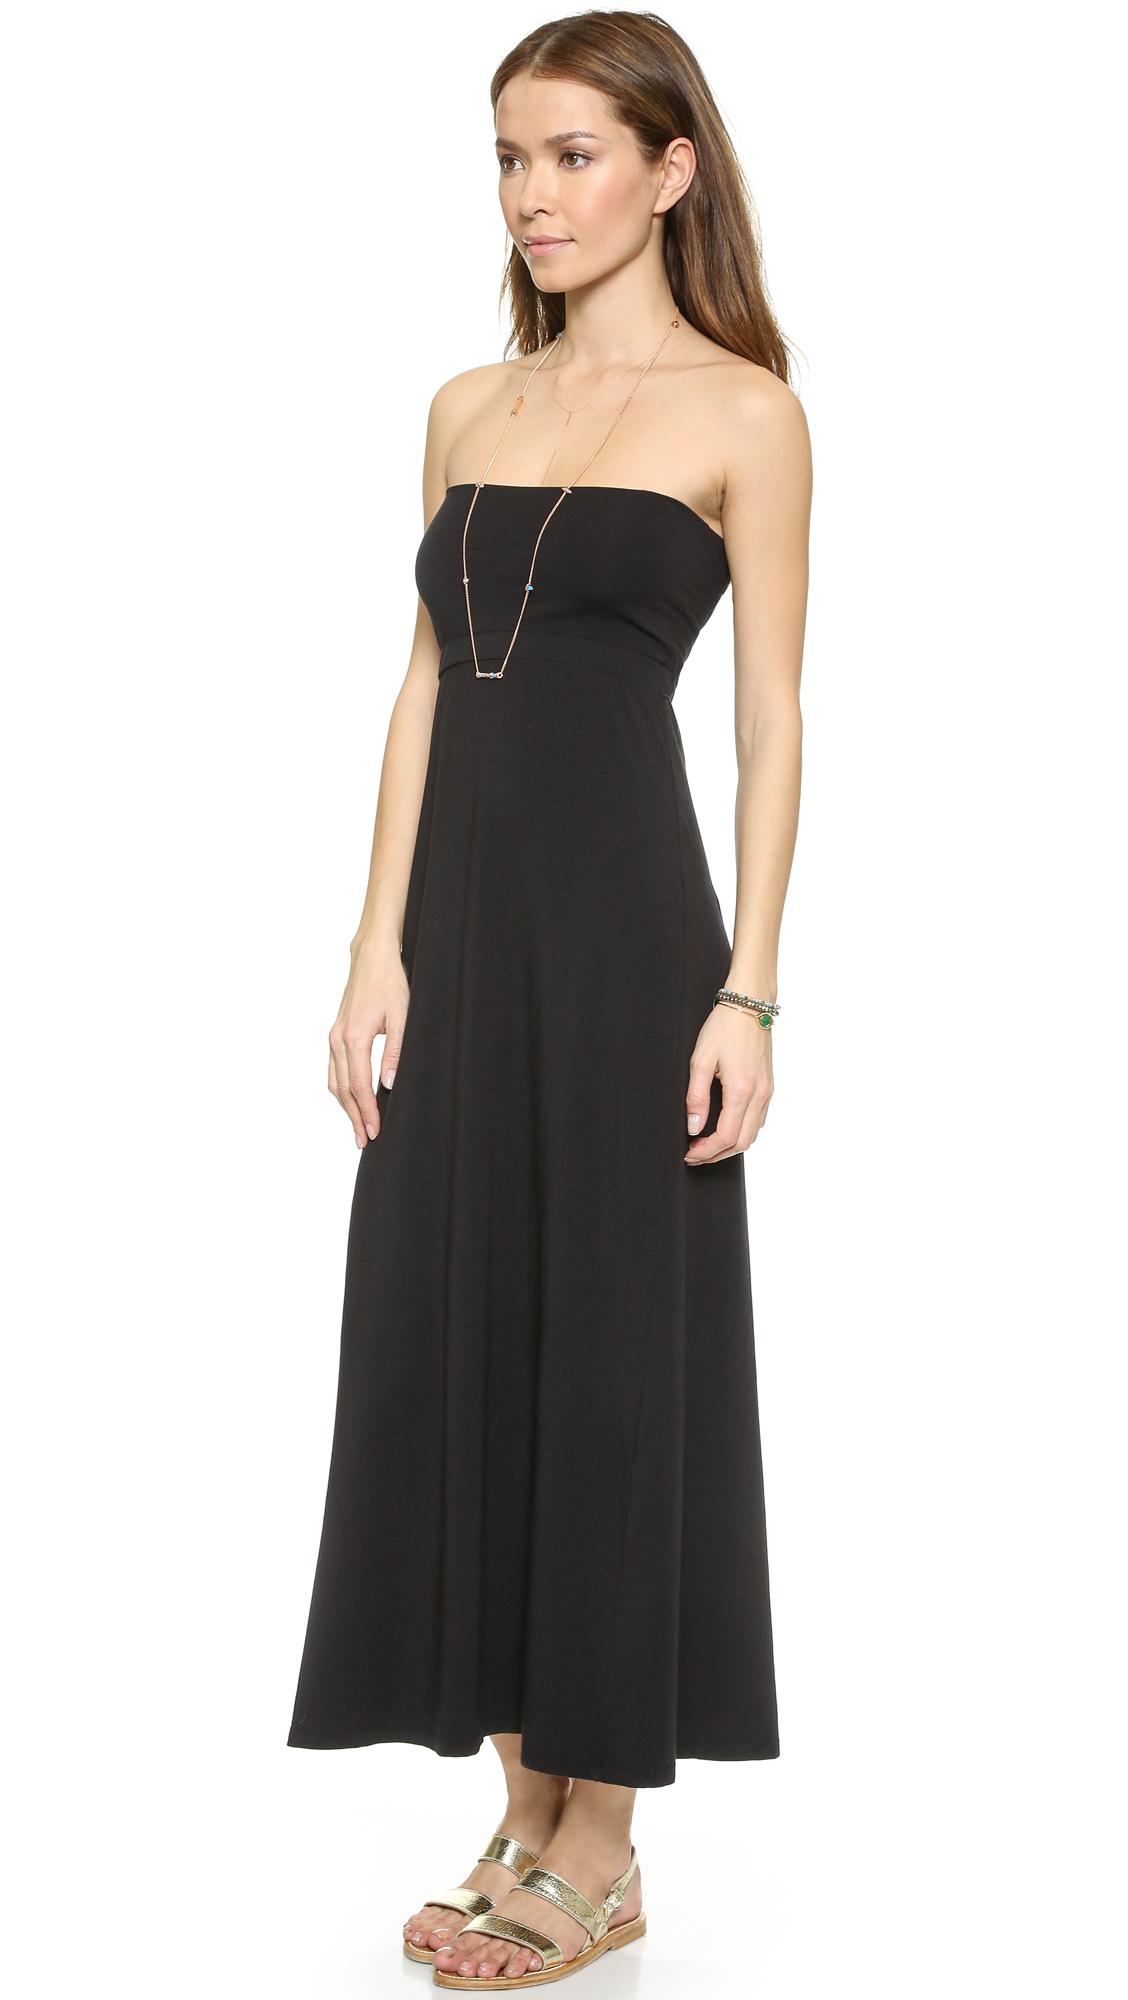 Splendid Maxi Tube Skirt / Dress - Military in Black | Lyst